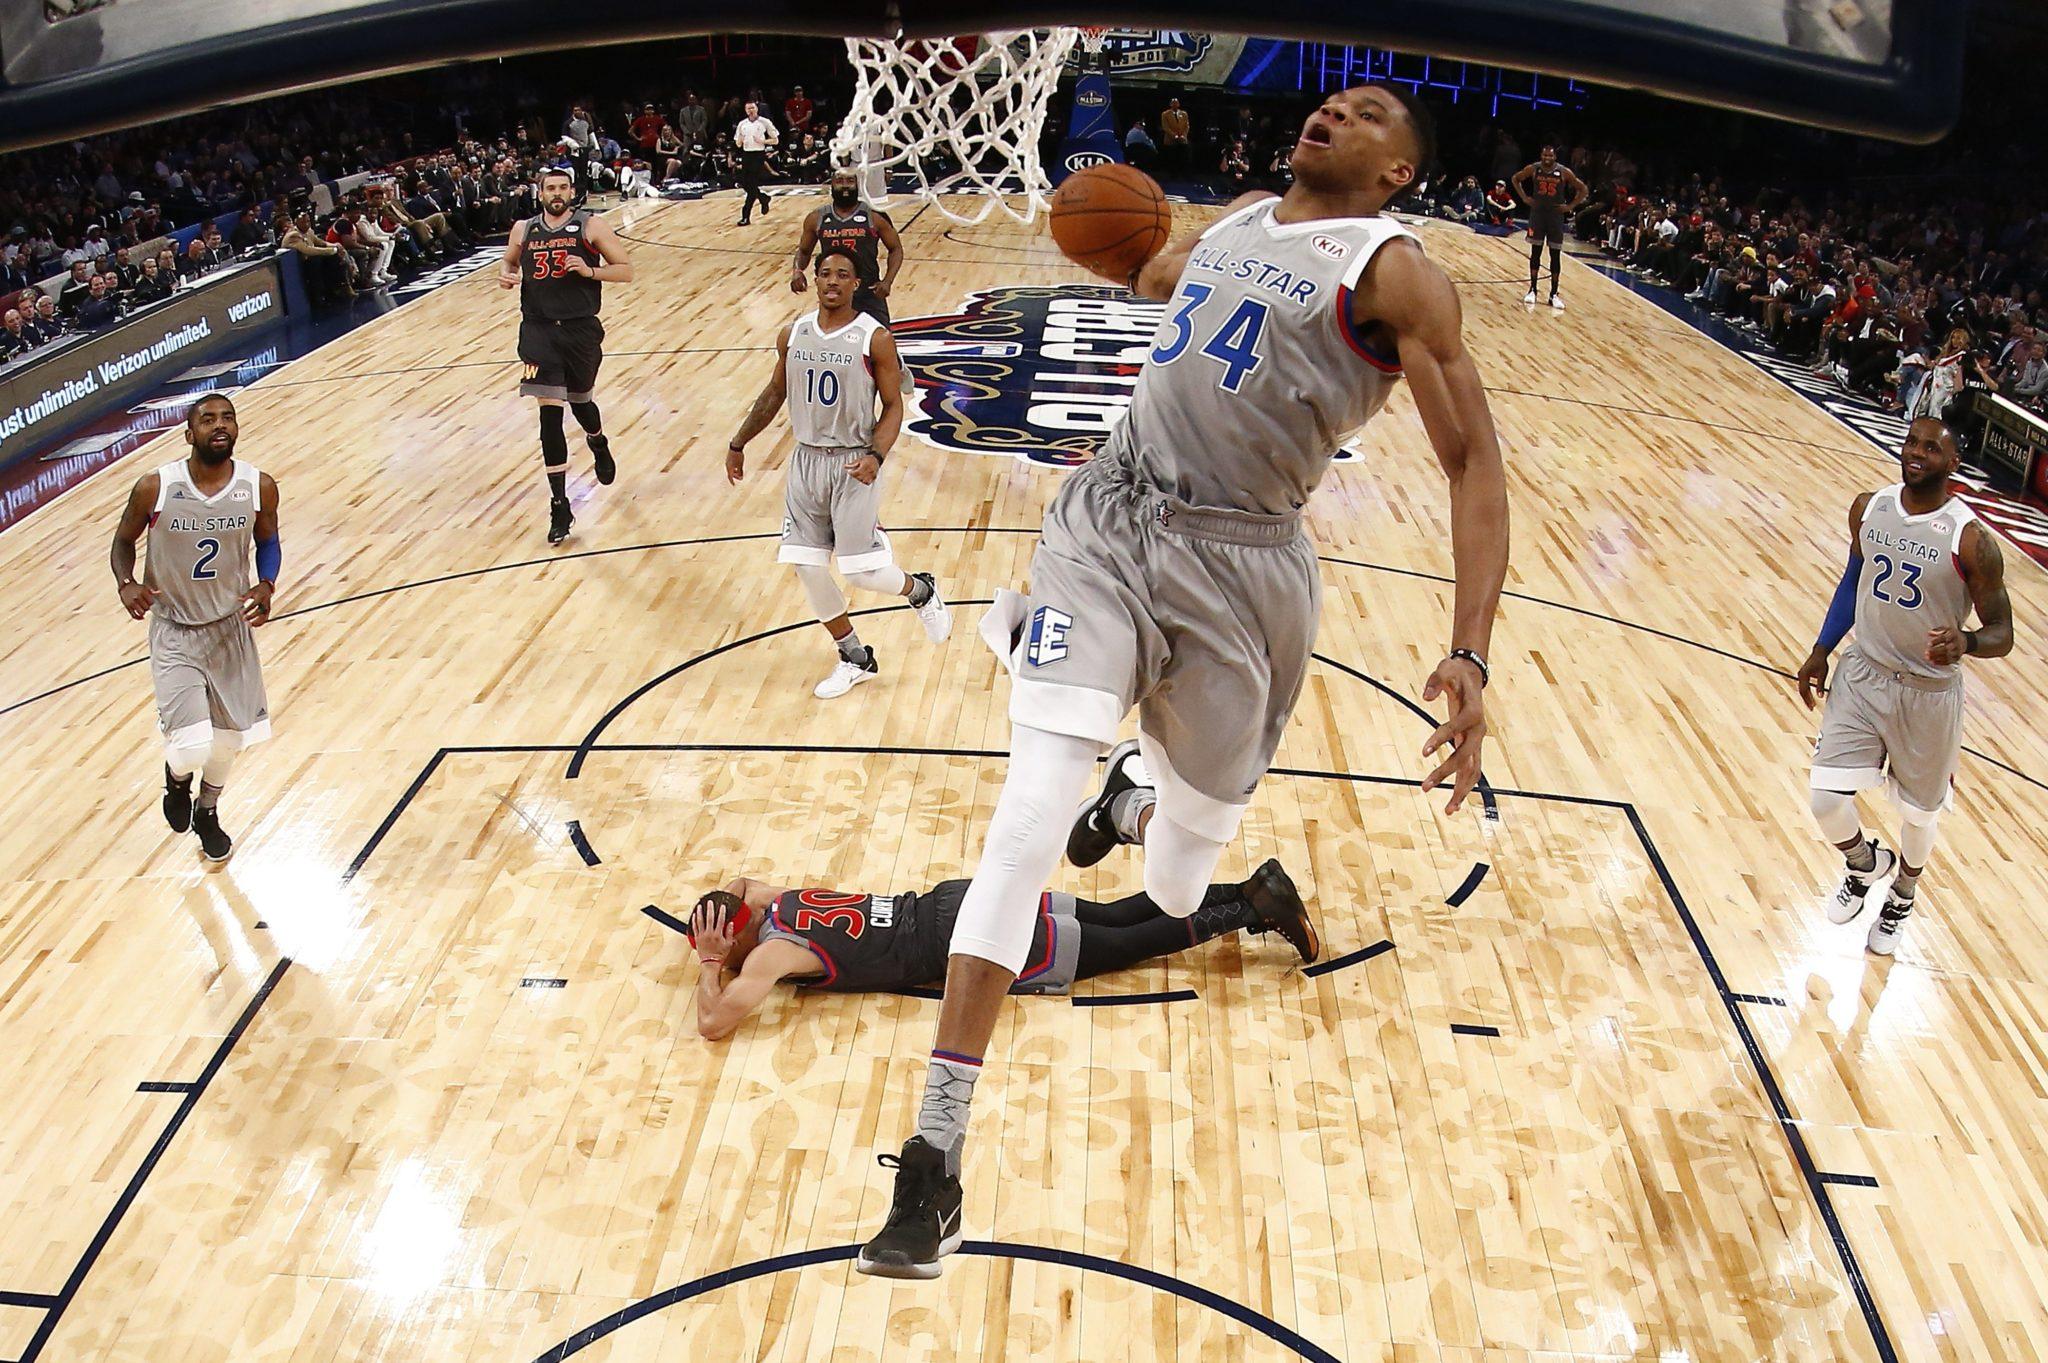 USA: Mecz Gwiazd Ligi NBA rozgrywany w nowym Orleanie (foto. PAP/EPA/LARRY W. SMITH)